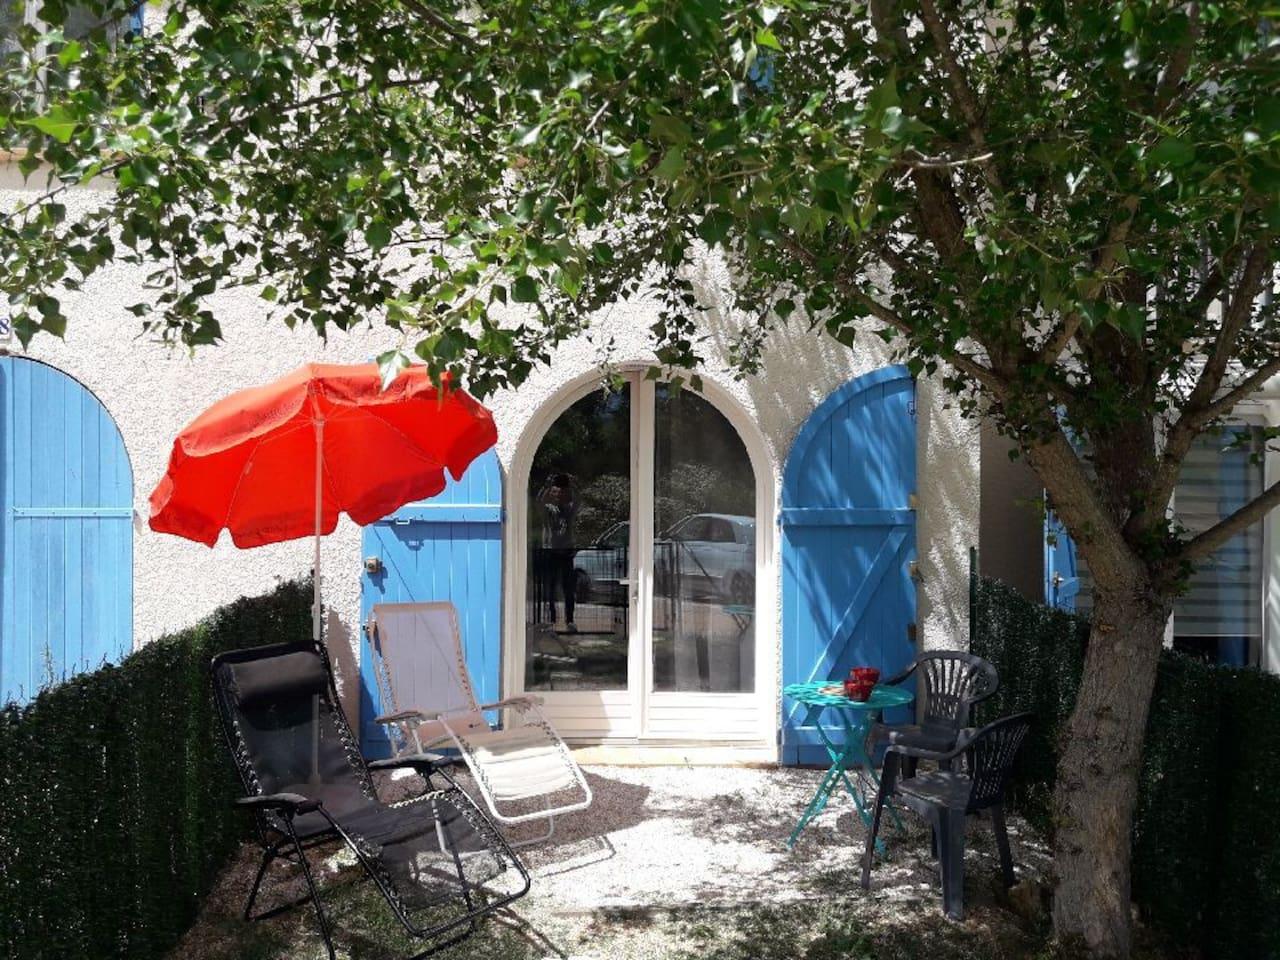 Jardinet de 25m2 clôturé devant l'entrée de l'appartement indépendant et de plein pied. Vous pouvez manger à l'extérieur à l'ombre d'un arbre. Un barbecue électrique est à disposition.